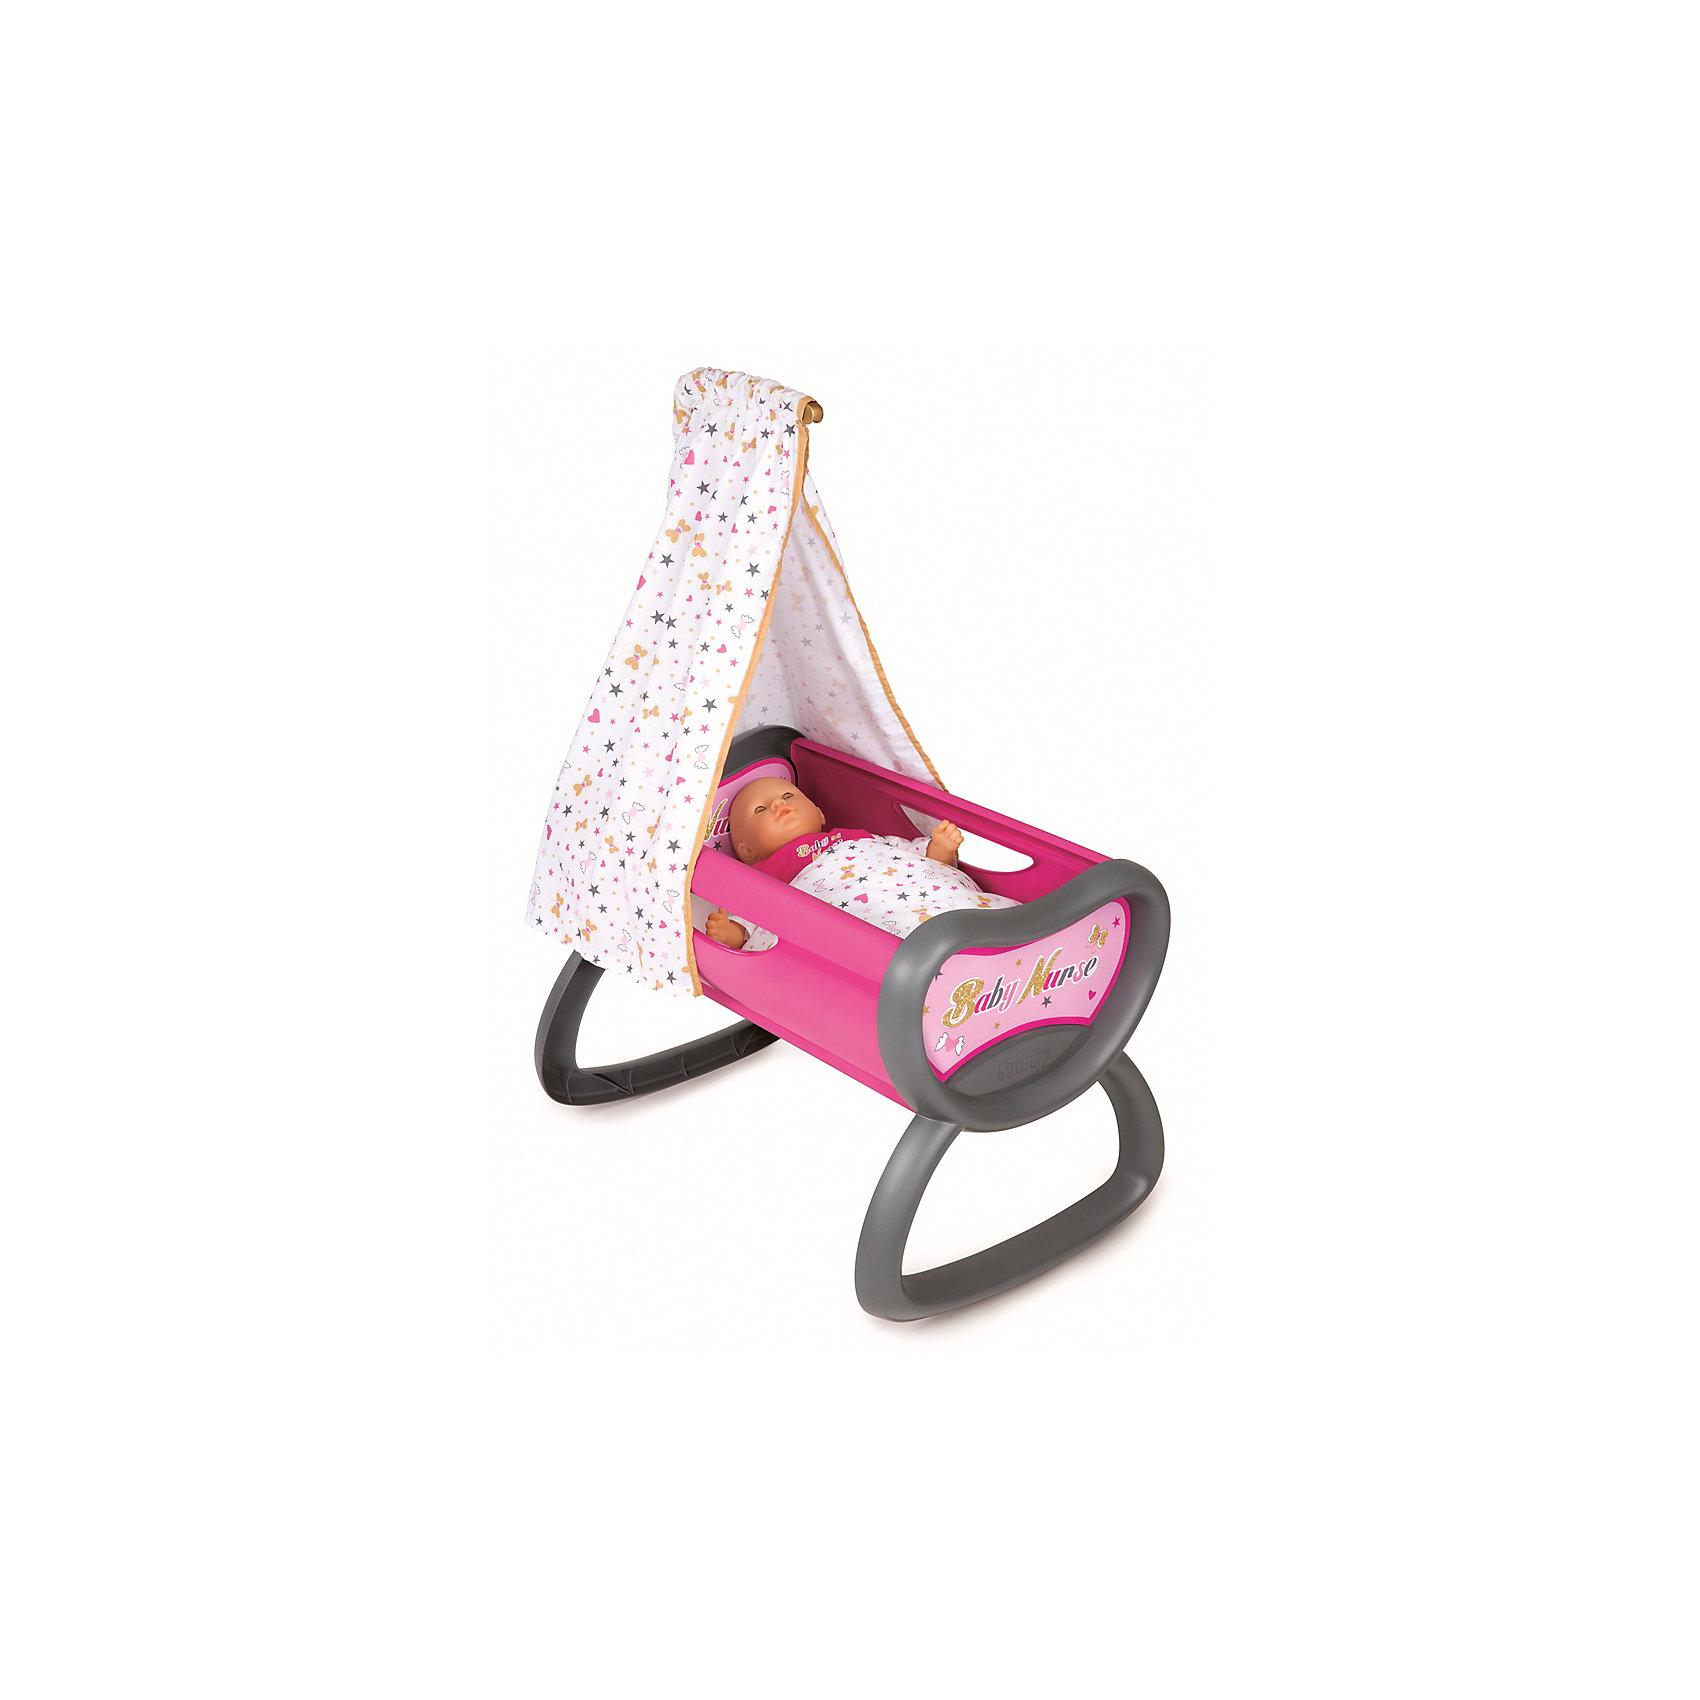 Колыбель для пупса Baby Nurse, 52*33*76 см, SmobyДомики и мебель<br>Характеристики товара:<br><br>• возраст от 1,5 лет;<br>• материал: пластик, текстиль;<br>• в комплекте: колыбель, балдахин, покрывало;<br>• подходит для кукол высотой до 42 см;<br>• размер колыбели 52х33х76 см;<br>• размер упаковки 38,5х12,9х57,4 см;<br>• вес упаковки 1,88 кг;<br>• страна производитель: Франция.<br><br>Колыбель для пупса Baby Nurse Smoby — удобная кроватка для любимой куколки девочки. Кроватка оборудована полозьями, которые делают ее качающейся колыбелькой, чтобы можно было убаюкать куклу. В комплекте балдахин и мягкое покрывало. Игрушка способствует развитию у девочки чувства заботы и ответственности. Колыбель изготовлена из качественного безопасного пластика и не имеет острых углов.<br><br>Колыбель для пупса Baby Nurse Smoby можно приобрести в нашем интернет-магазине.<br><br>Ширина мм: 385<br>Глубина мм: 129<br>Высота мм: 574<br>Вес г: 1880<br>Возраст от месяцев: 18<br>Возраст до месяцев: 48<br>Пол: Женский<br>Возраст: Детский<br>SKU: 5613510